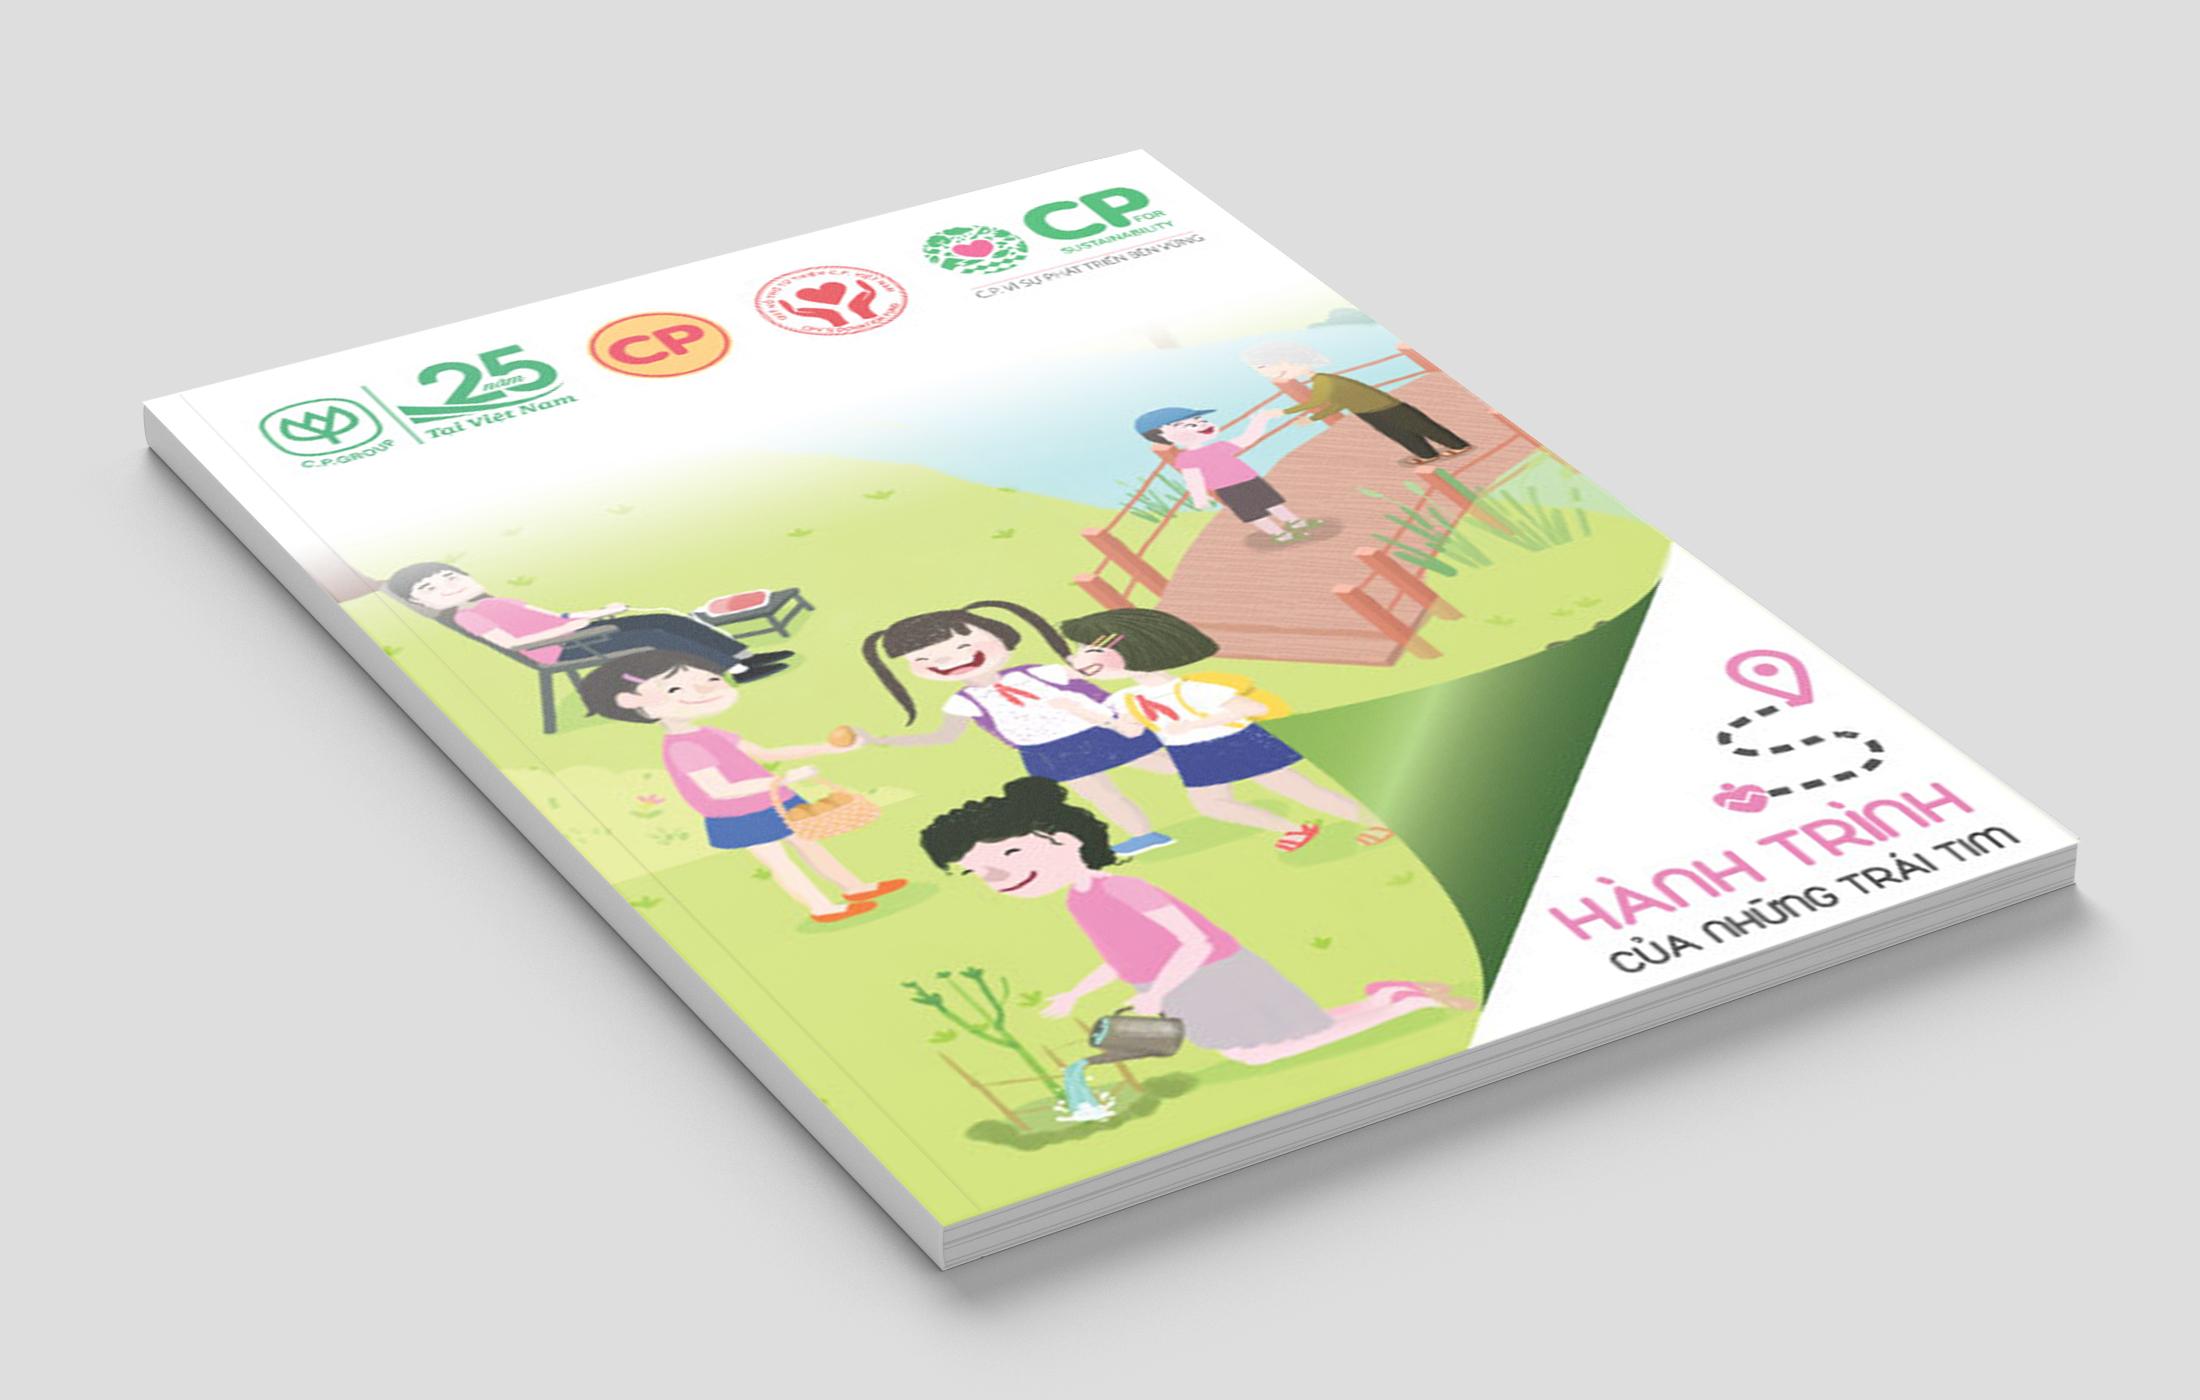 Thiết kế báo cáo hoạt động trách nhiệm cộng đồng CSR Booklet